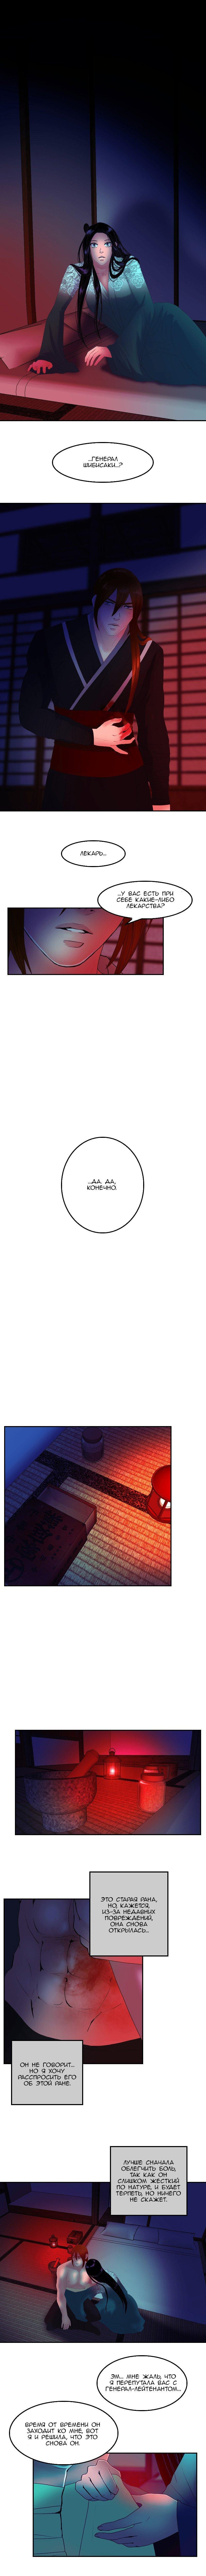 Манга Мой дорогой хладнокровный король - Глава 31 Страница 1